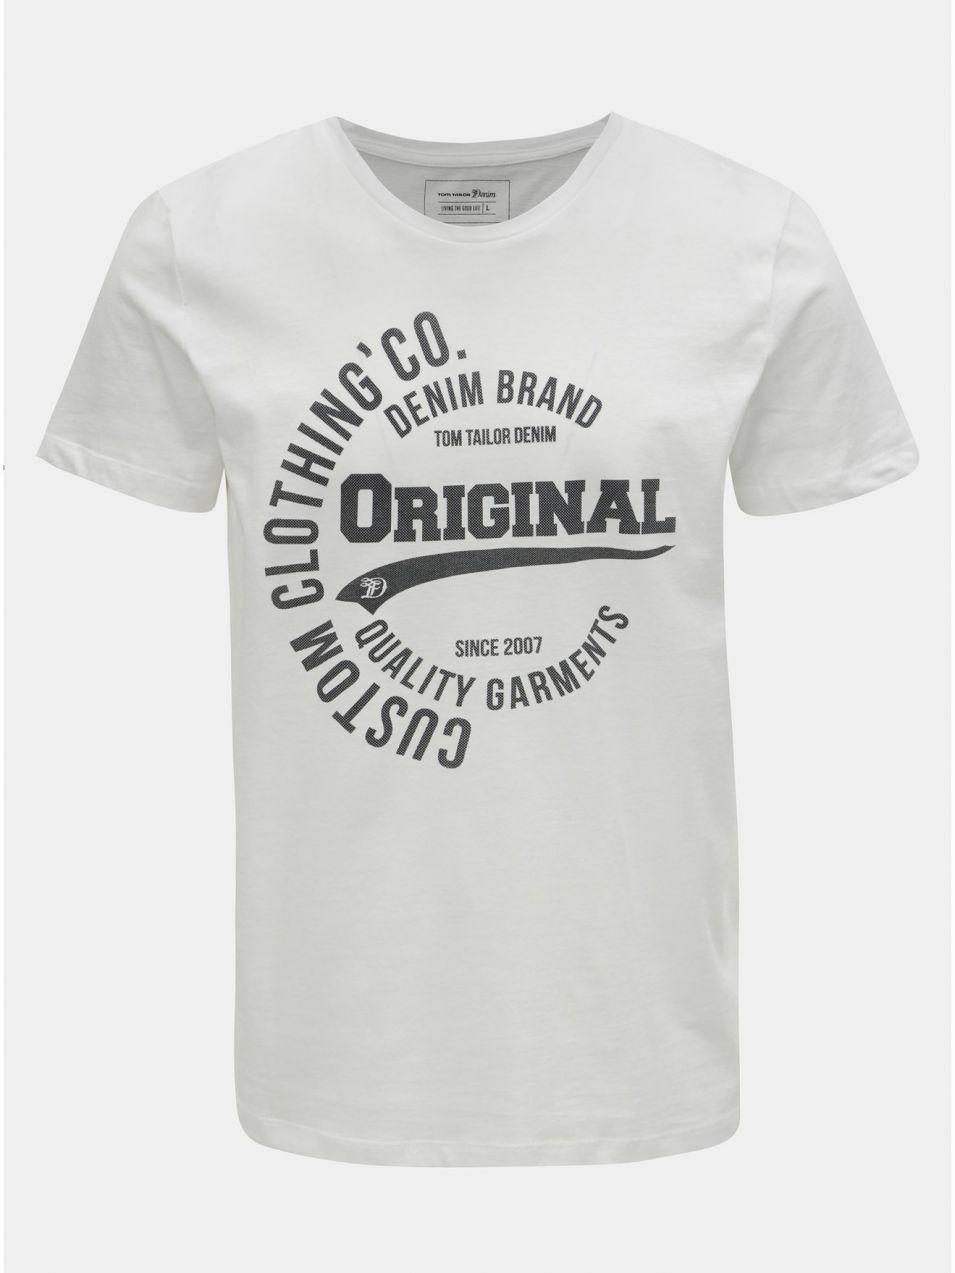 8d23995f6b94 Biele pánske tričko s potlačou Tom Tailor Denim značky TOM TAILOR DENIM -  Lovely.sk